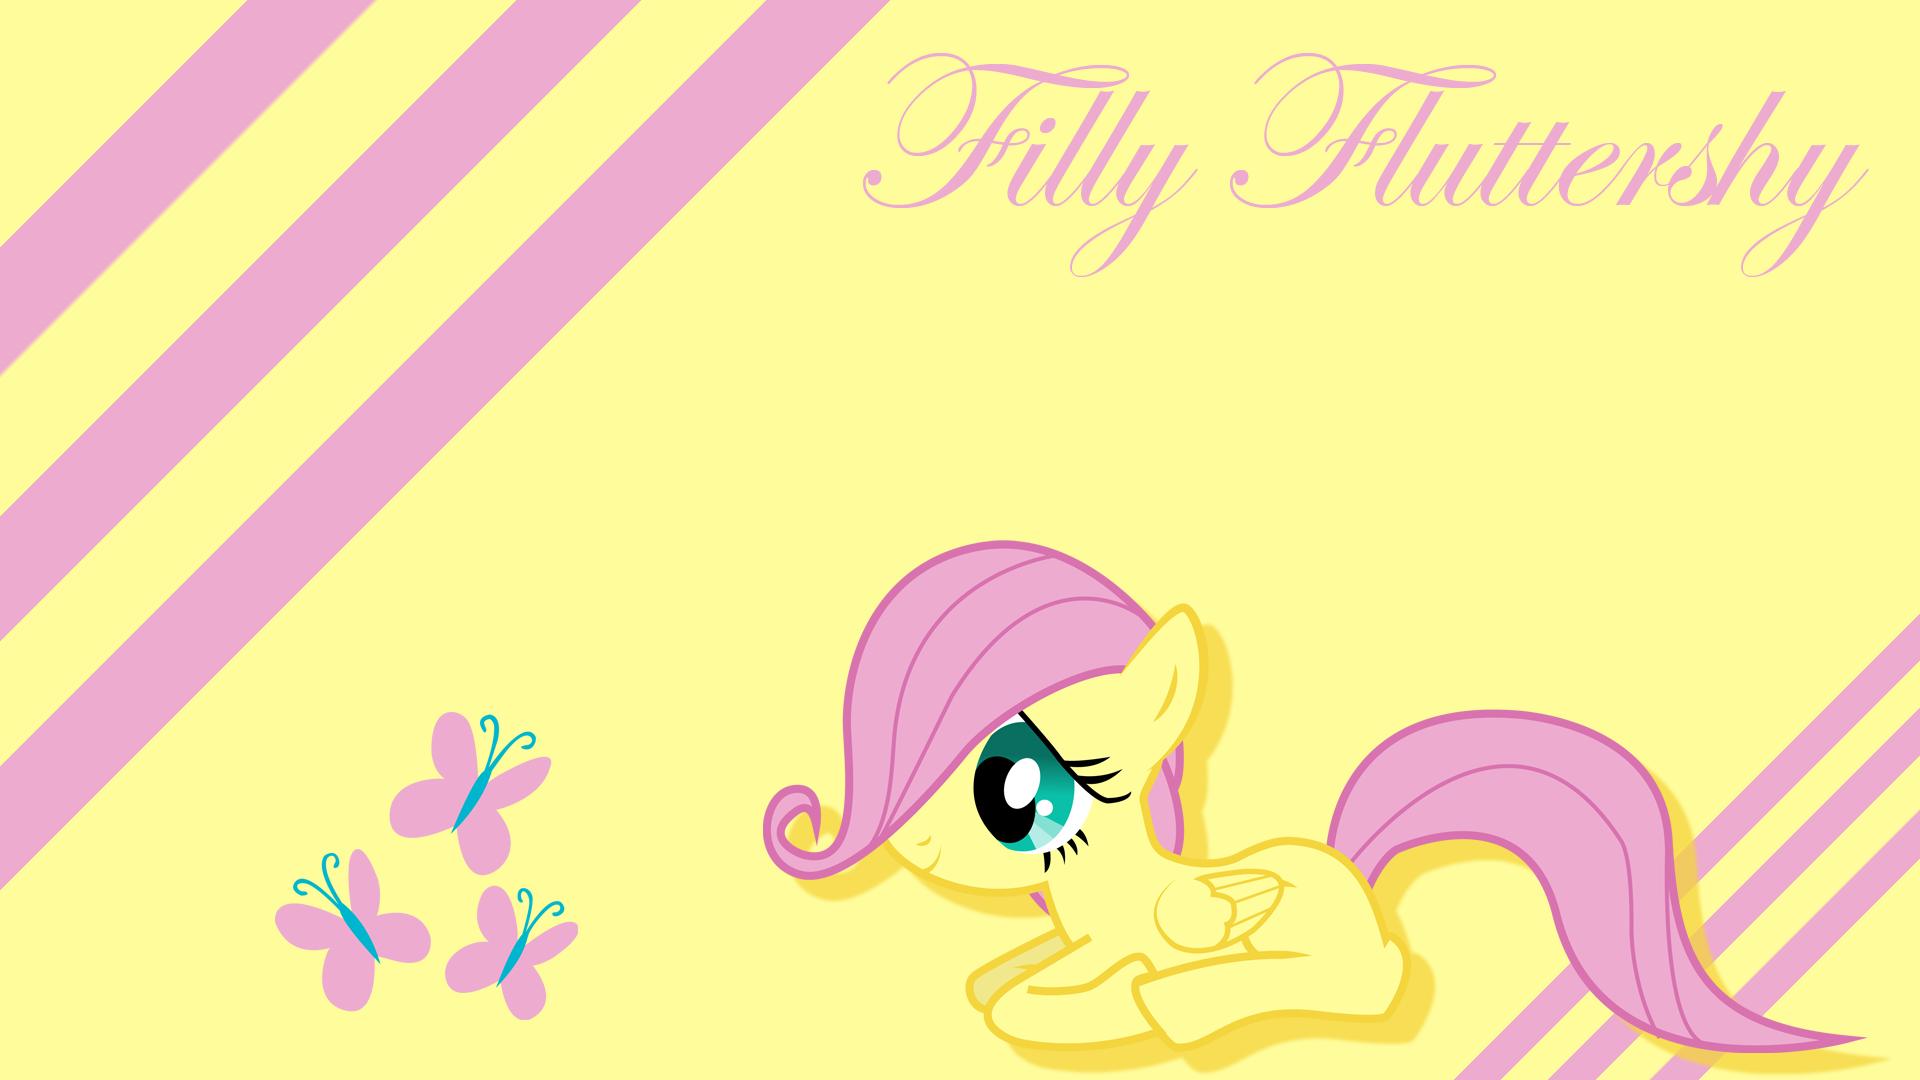 Fluttershy wallpaper - 824131